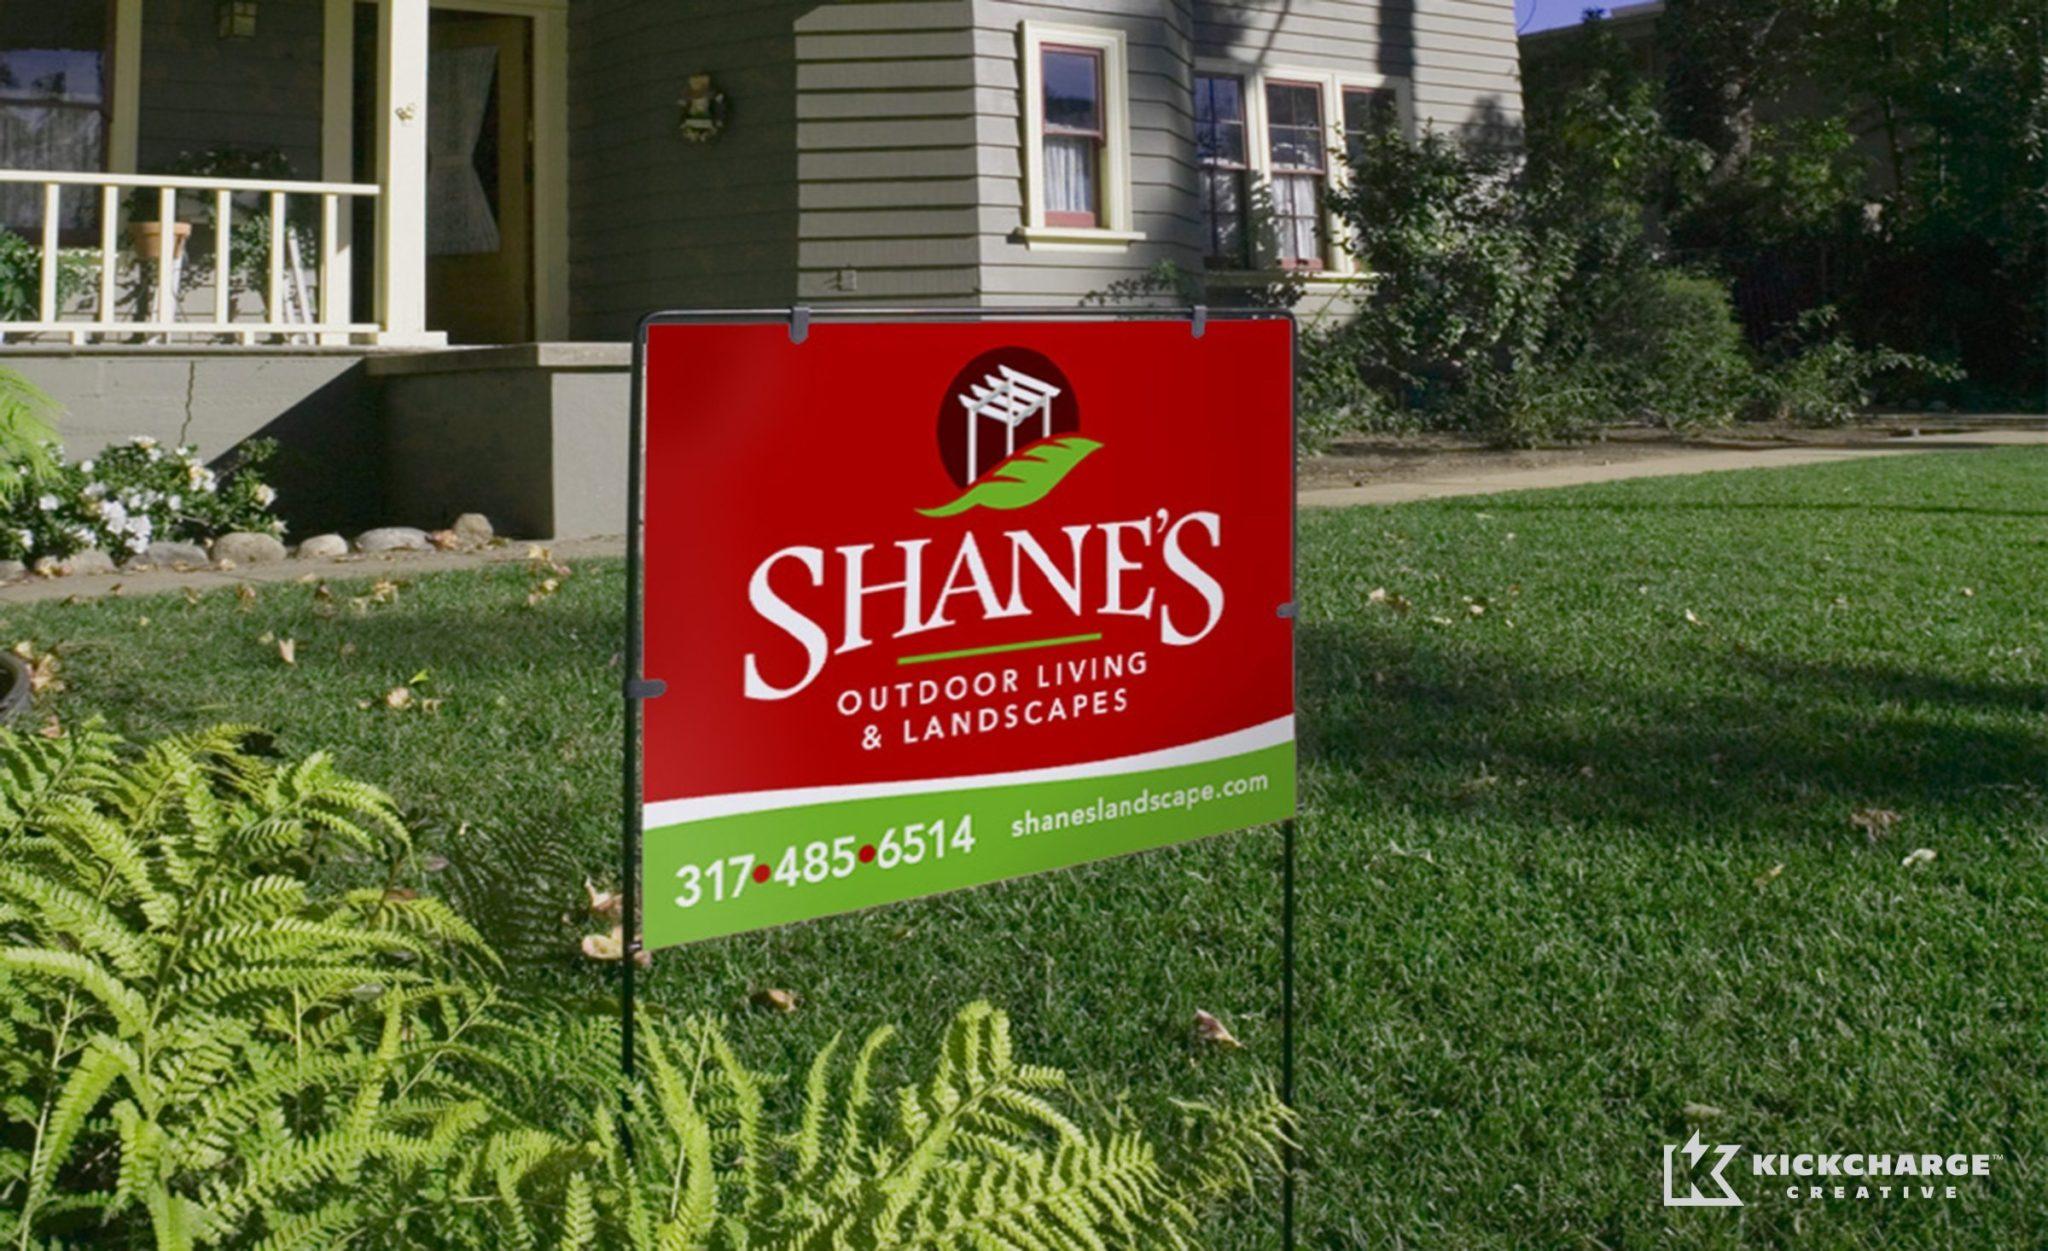 Yard sign design for a premier landscape provider in Indiana.